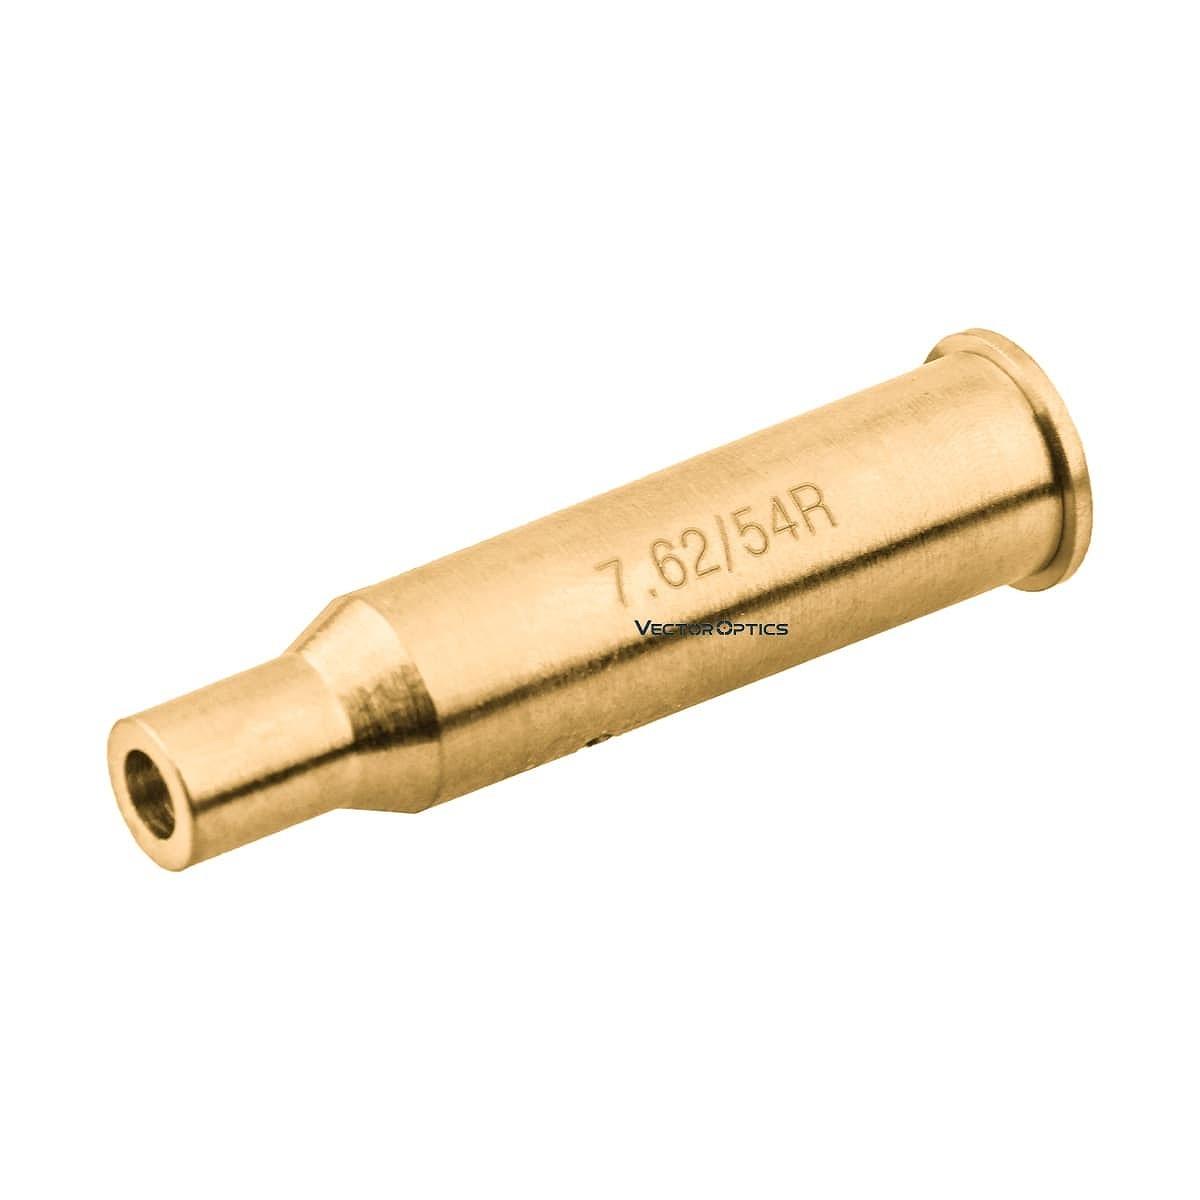 ベクターオプティクス ボアサイト 7.62x54mm  Vector Optics SCBCR-09